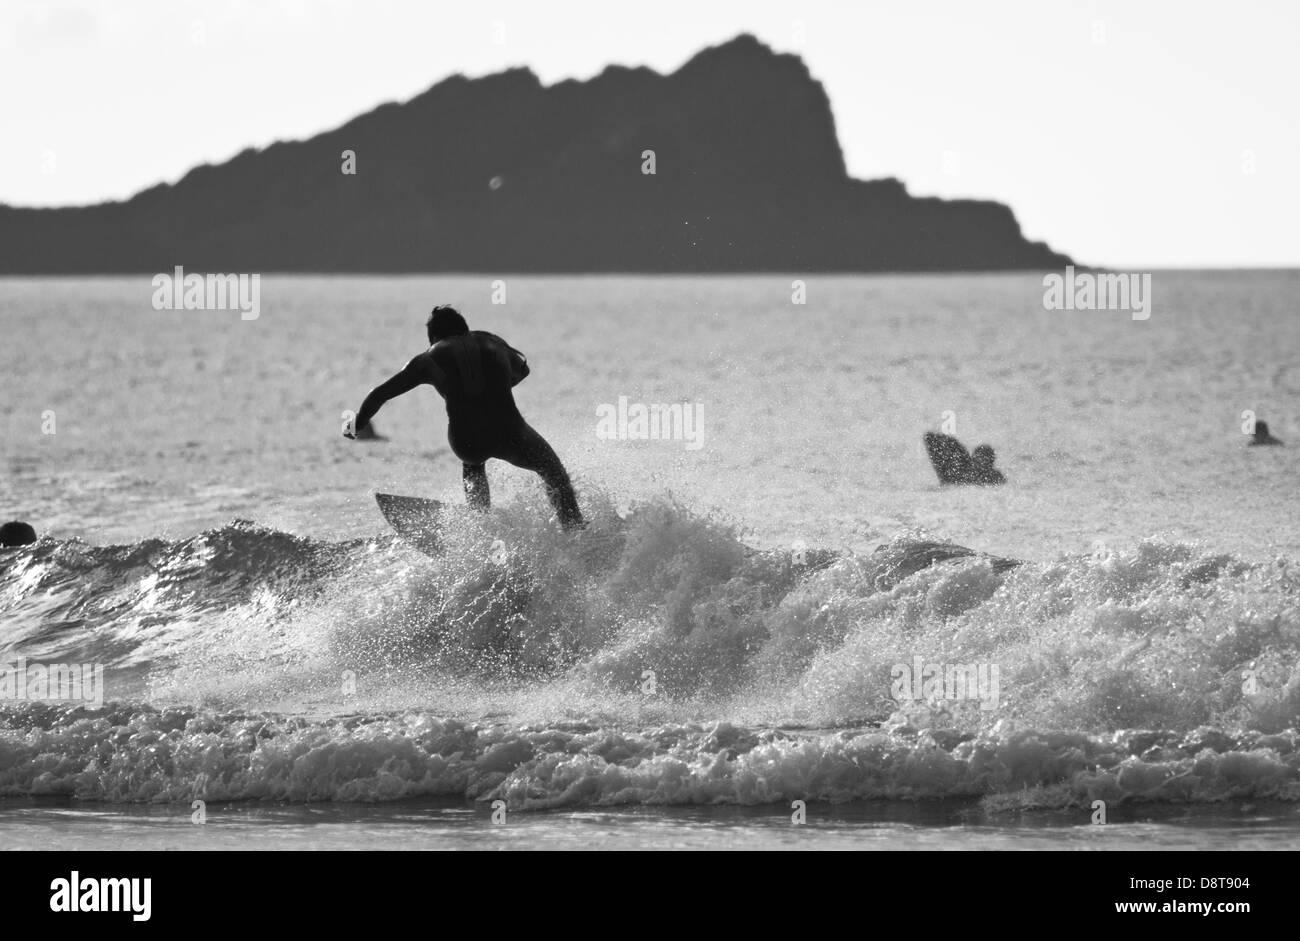 La plage de FISTRAL, Newquay, CORNWALL, UK. Pas de surfer une vague dans la mer à la plage de Fistral. Banque D'Images